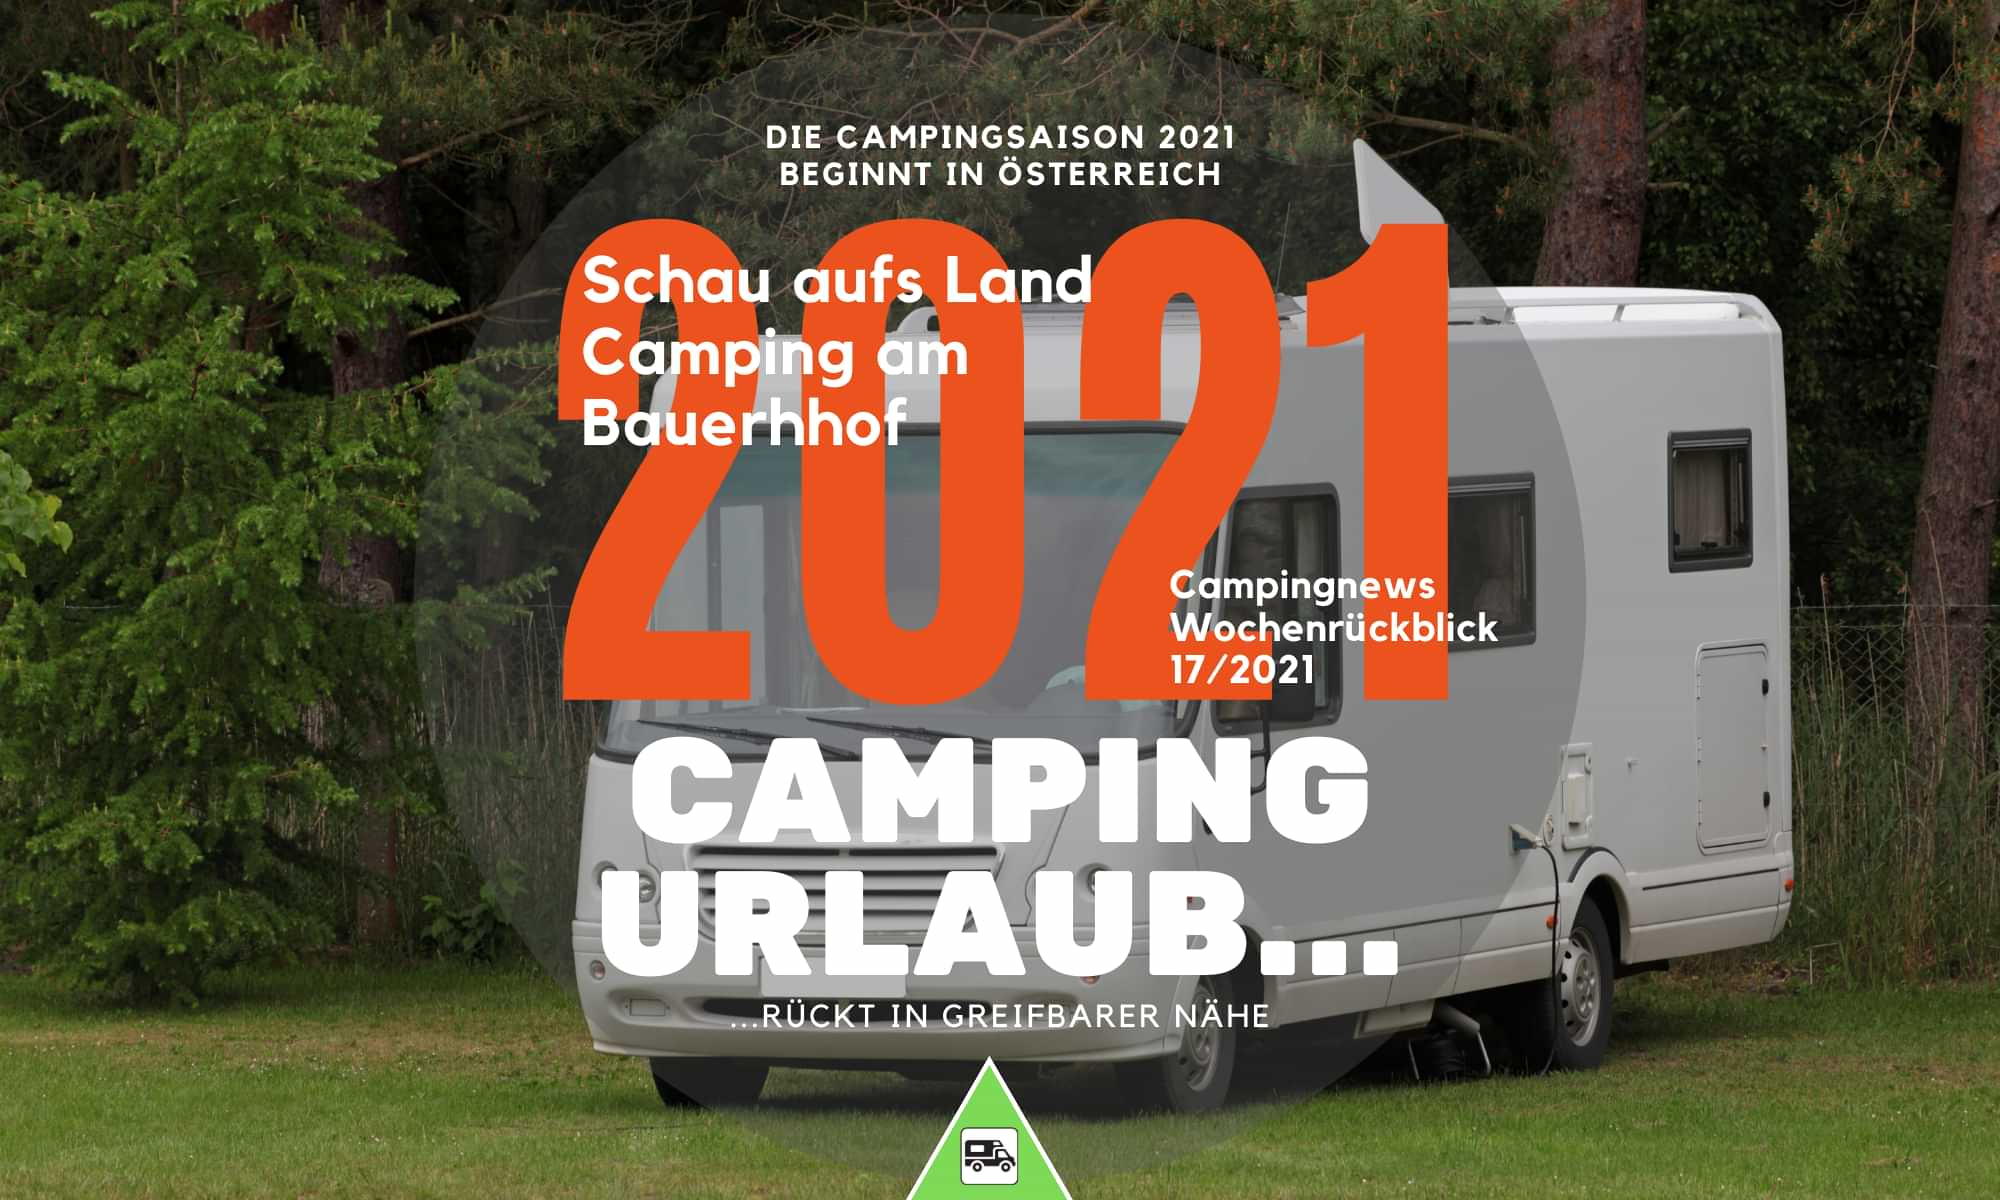 Camping Österreich – Die Campingsaison 2021 beginnt in Österreich